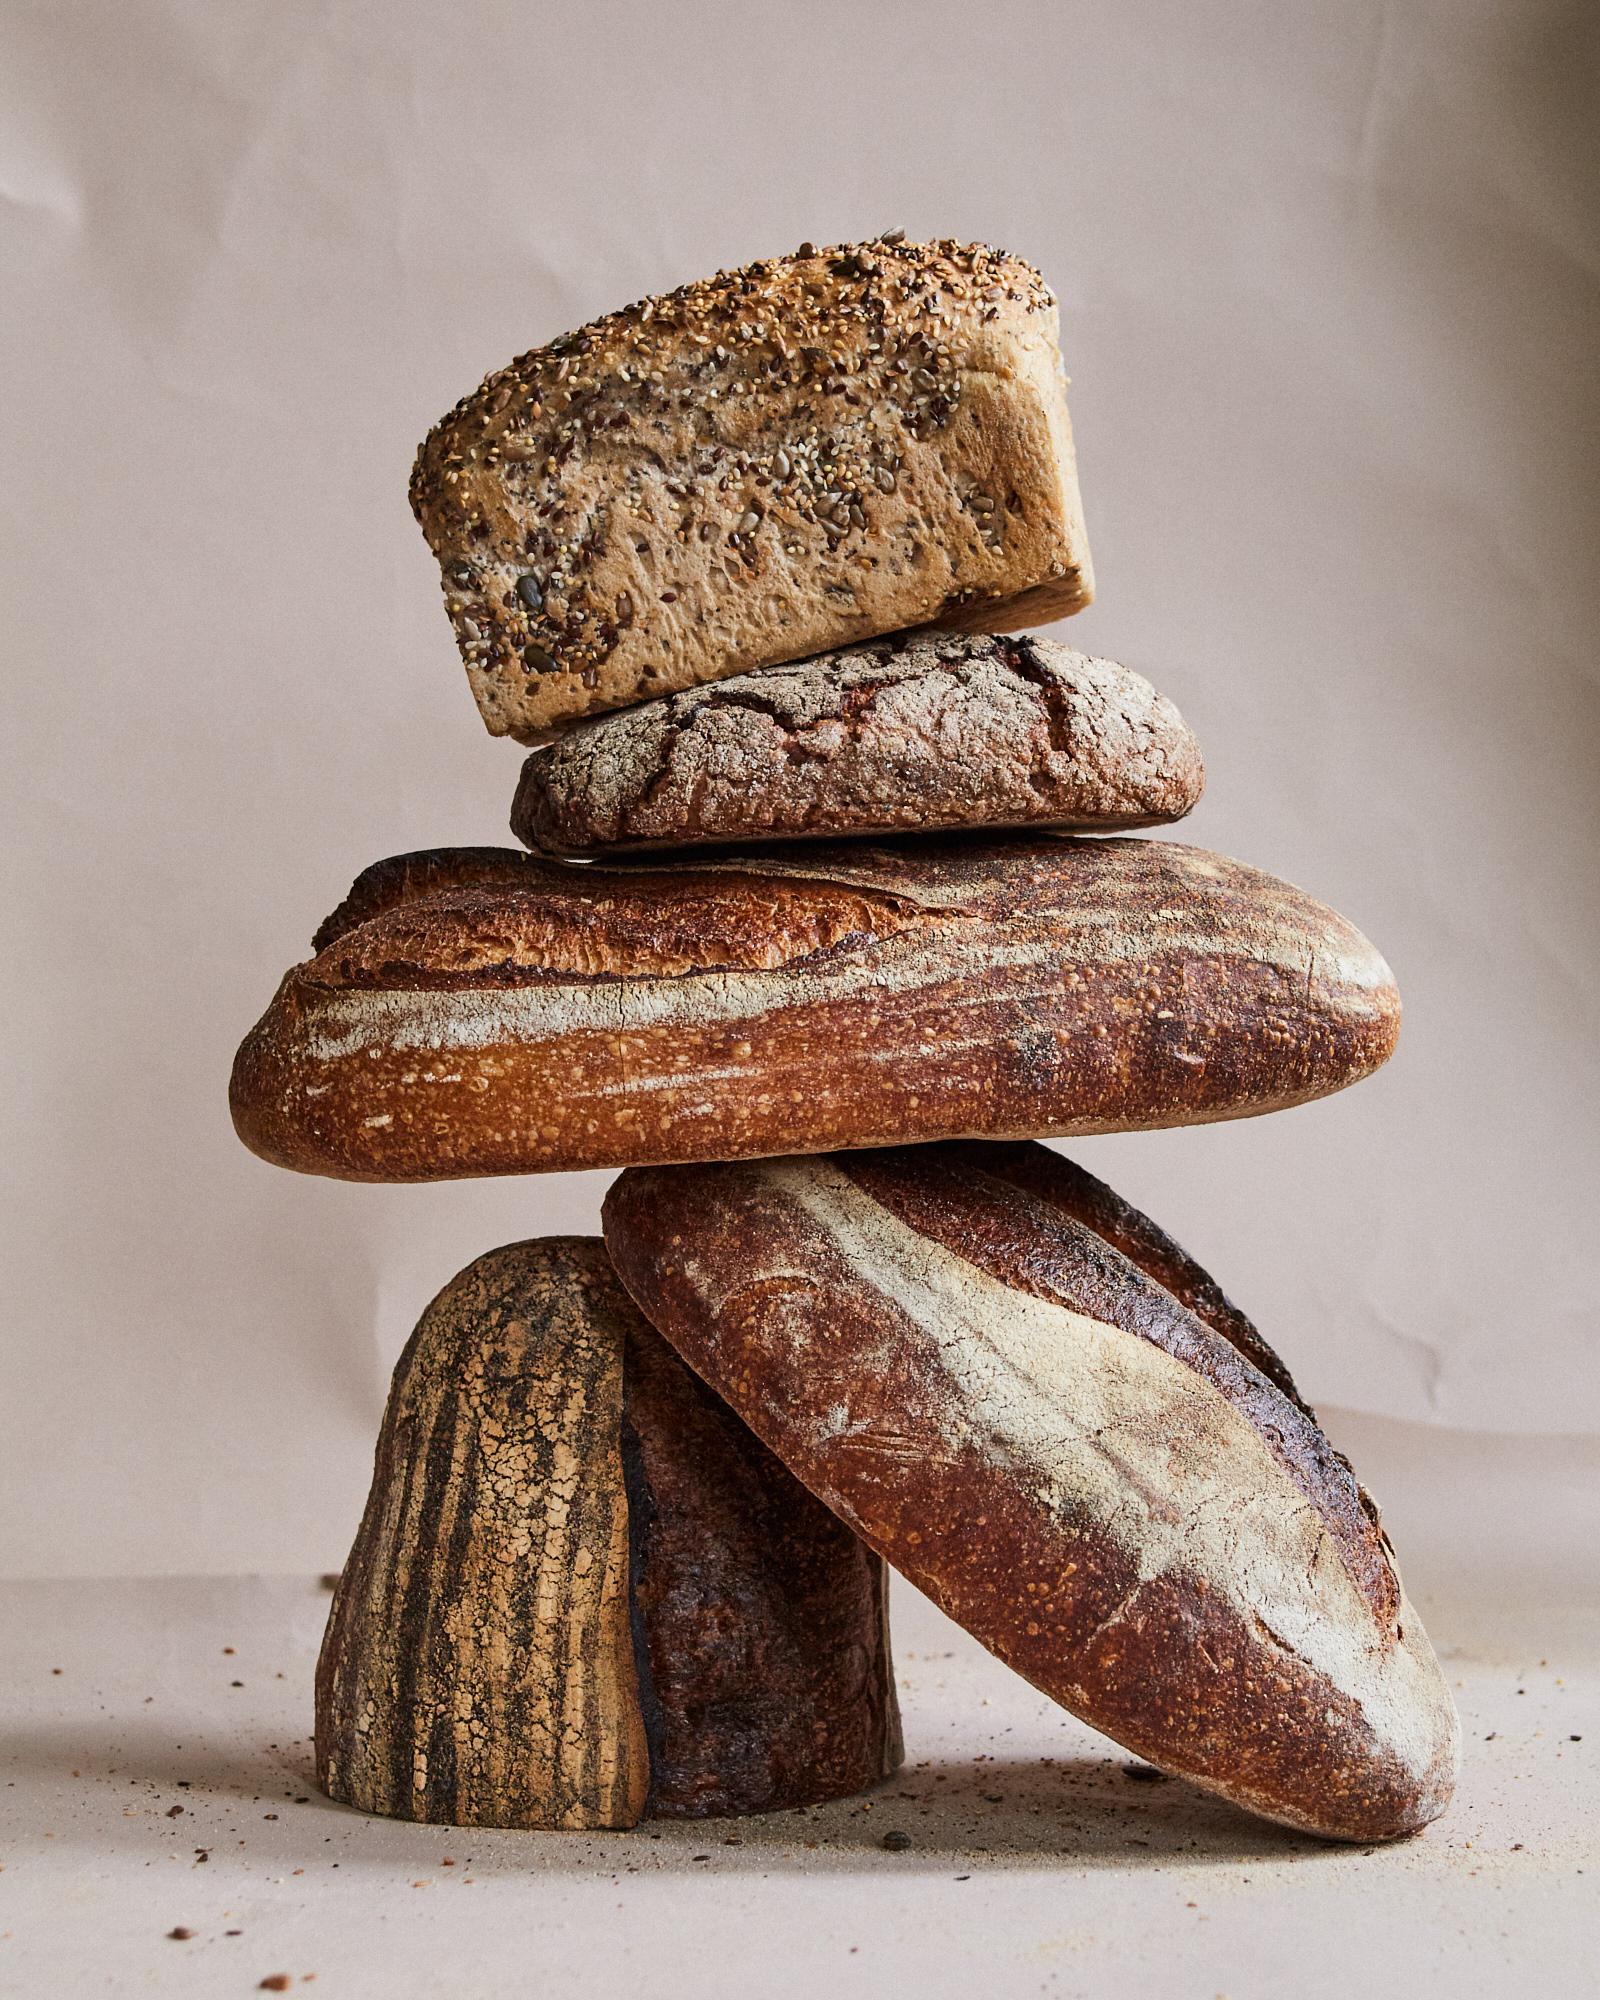 20200418_Bread4552-1